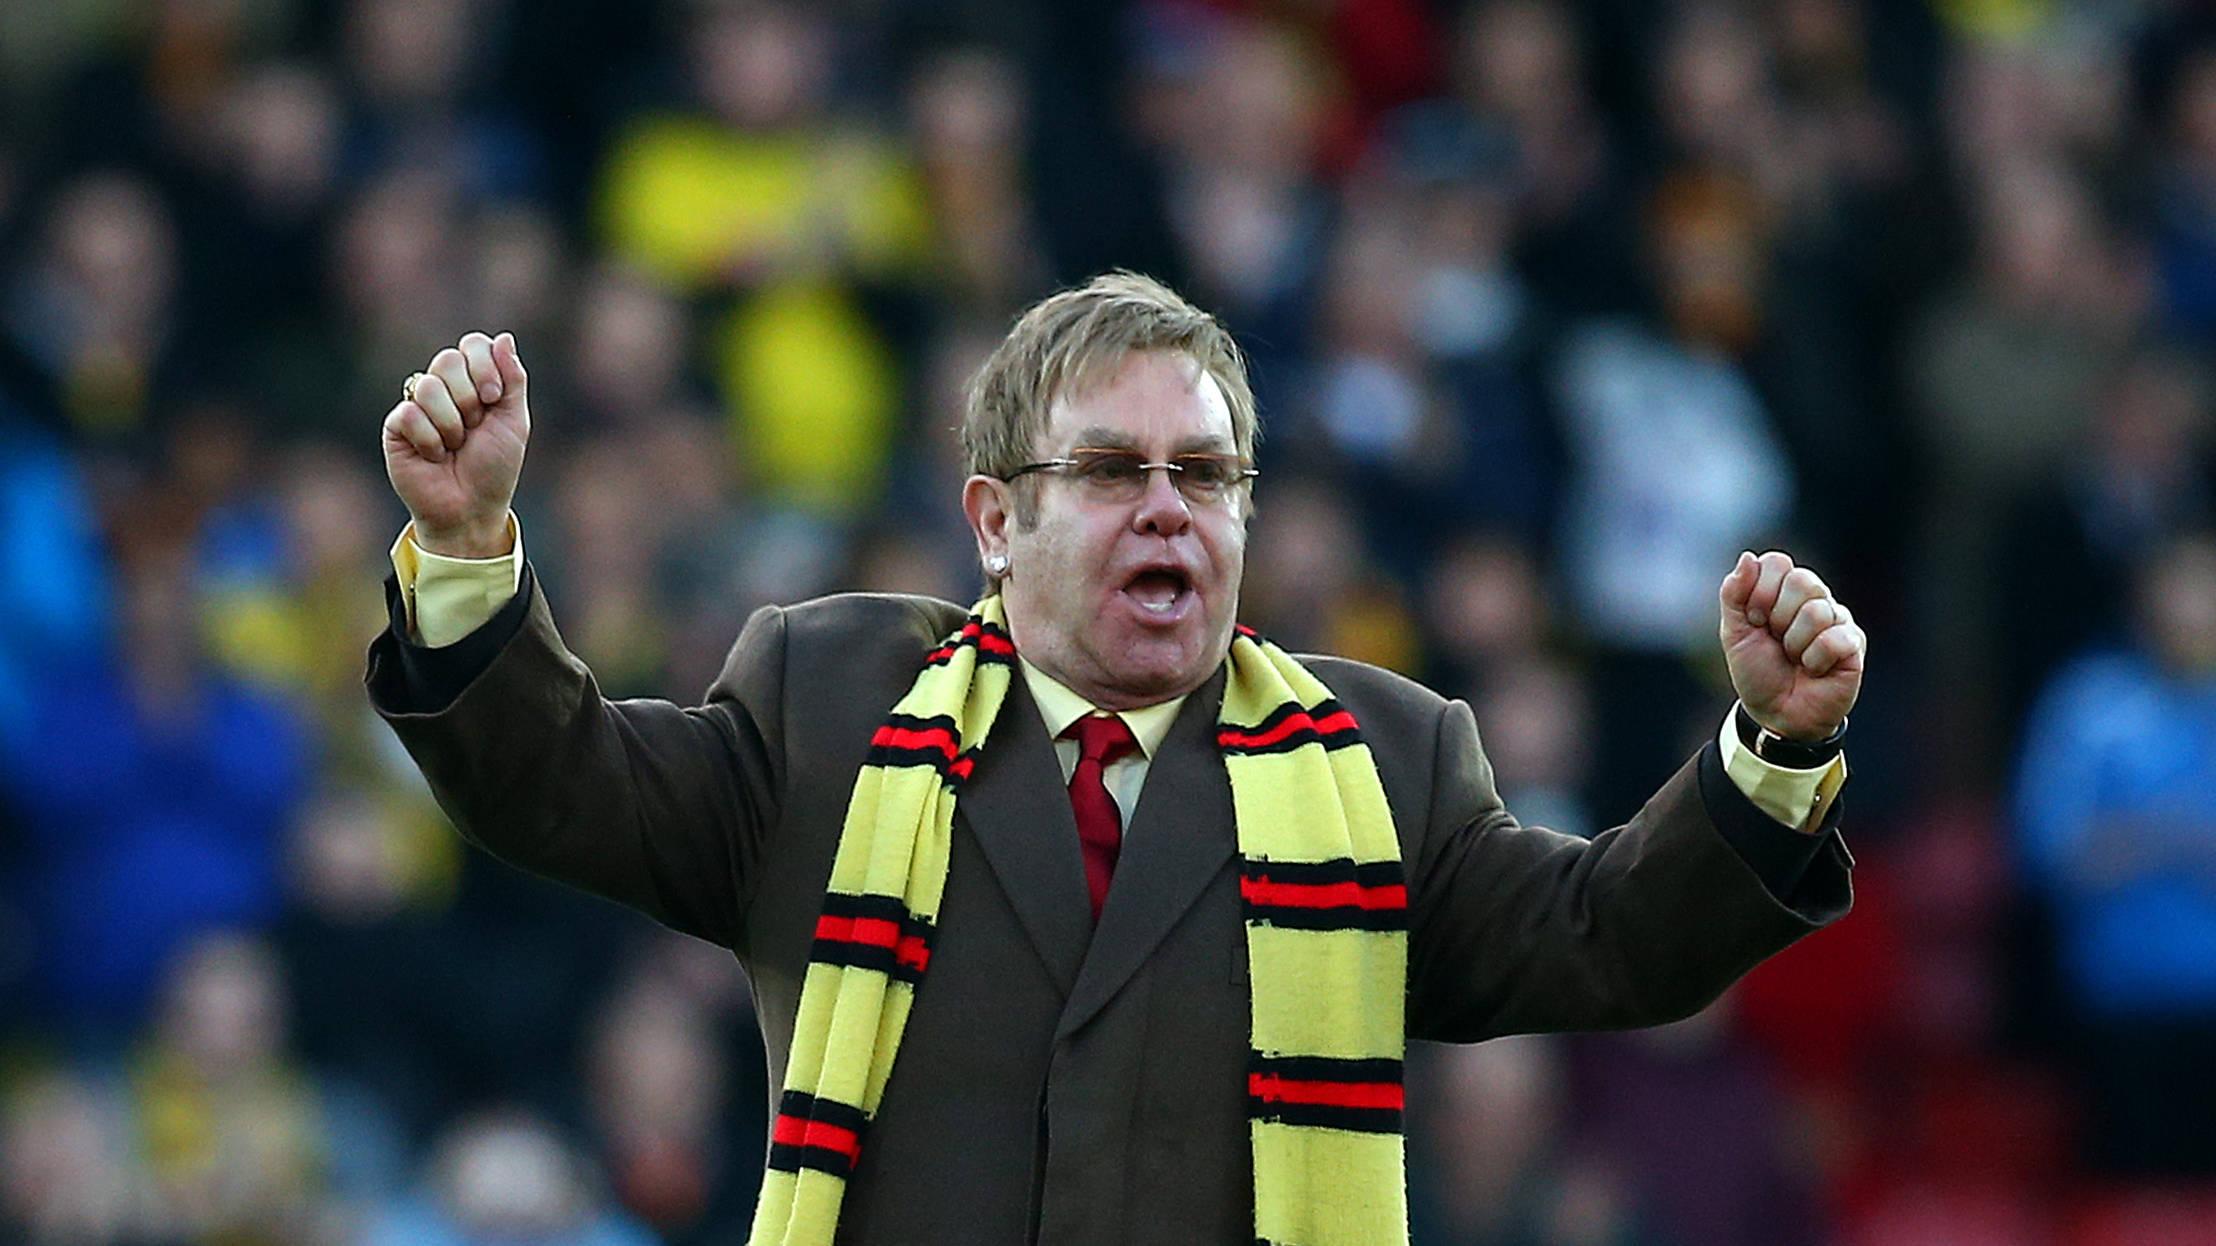 Elton John dan Watford FC: Cinta bintang pop dan sejarah klub sepak bola menjelaskan - Mulus